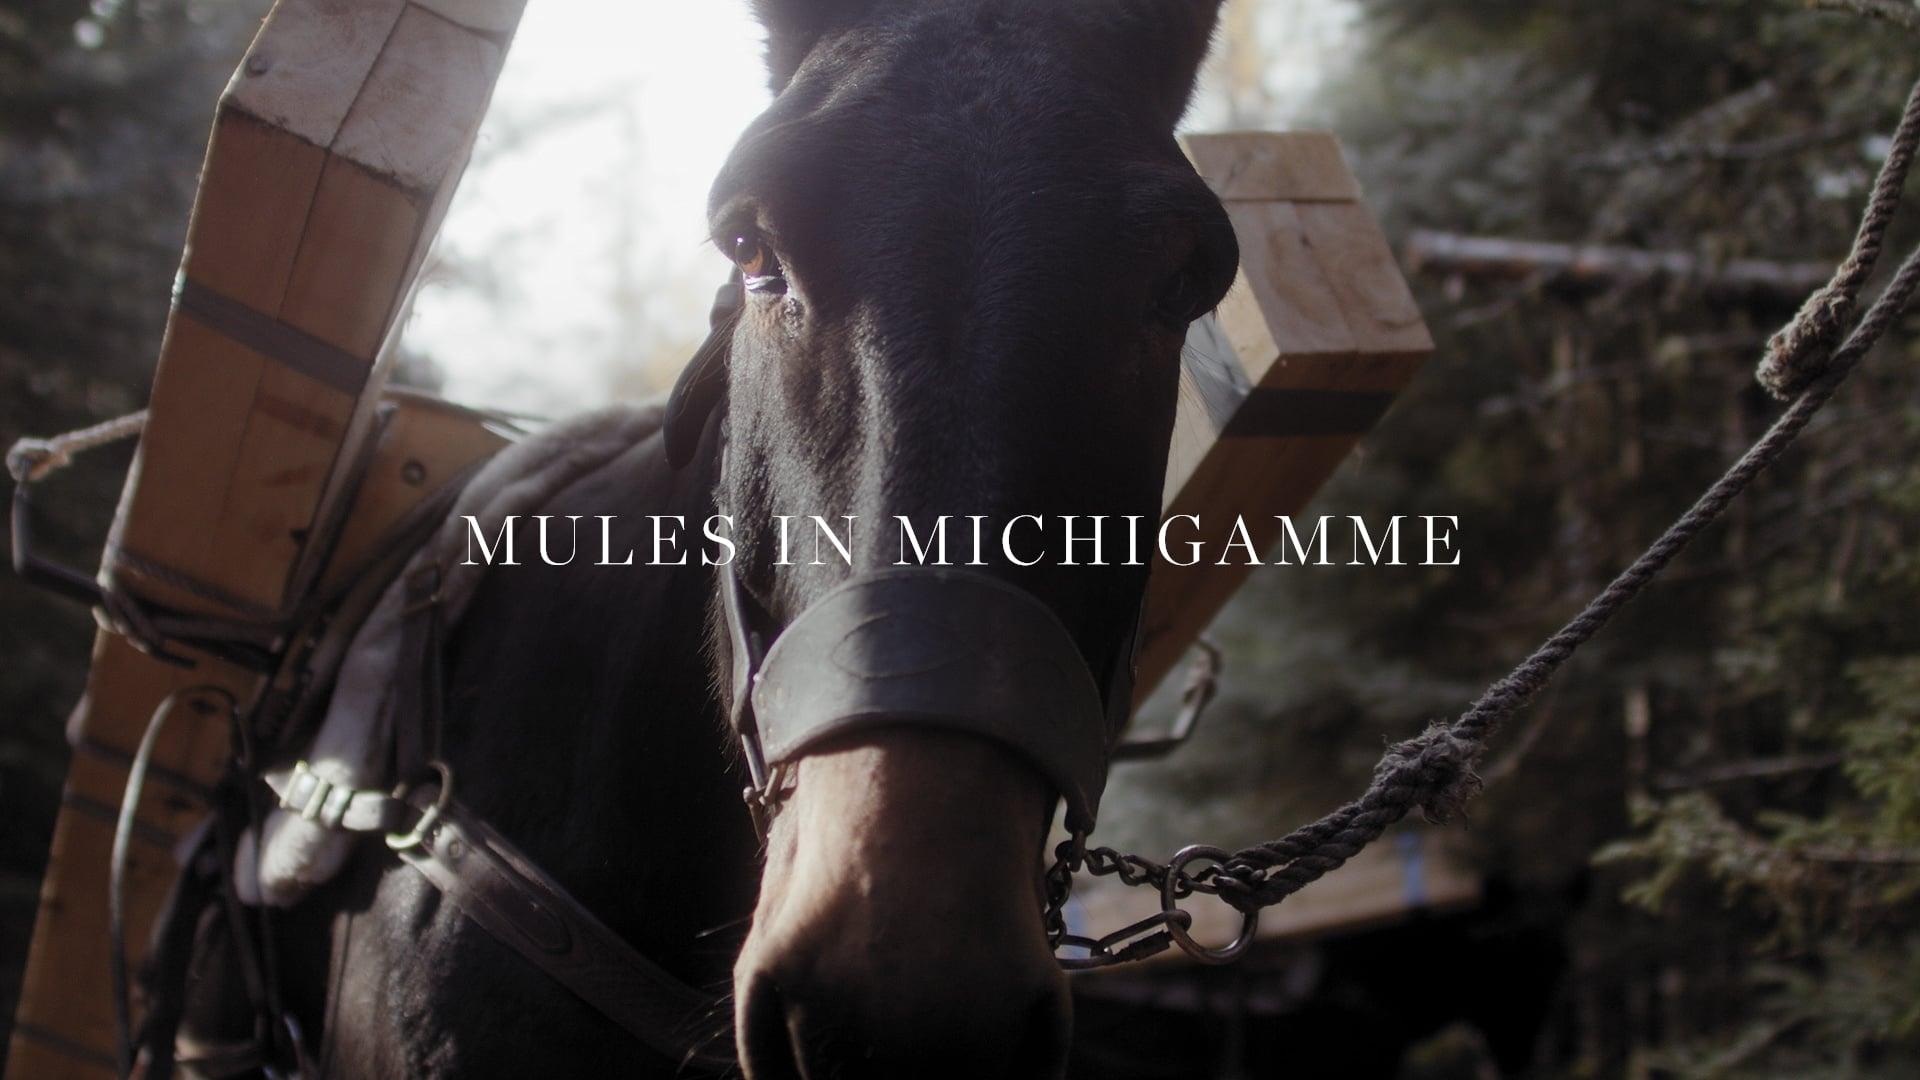 Mules In Michigamme